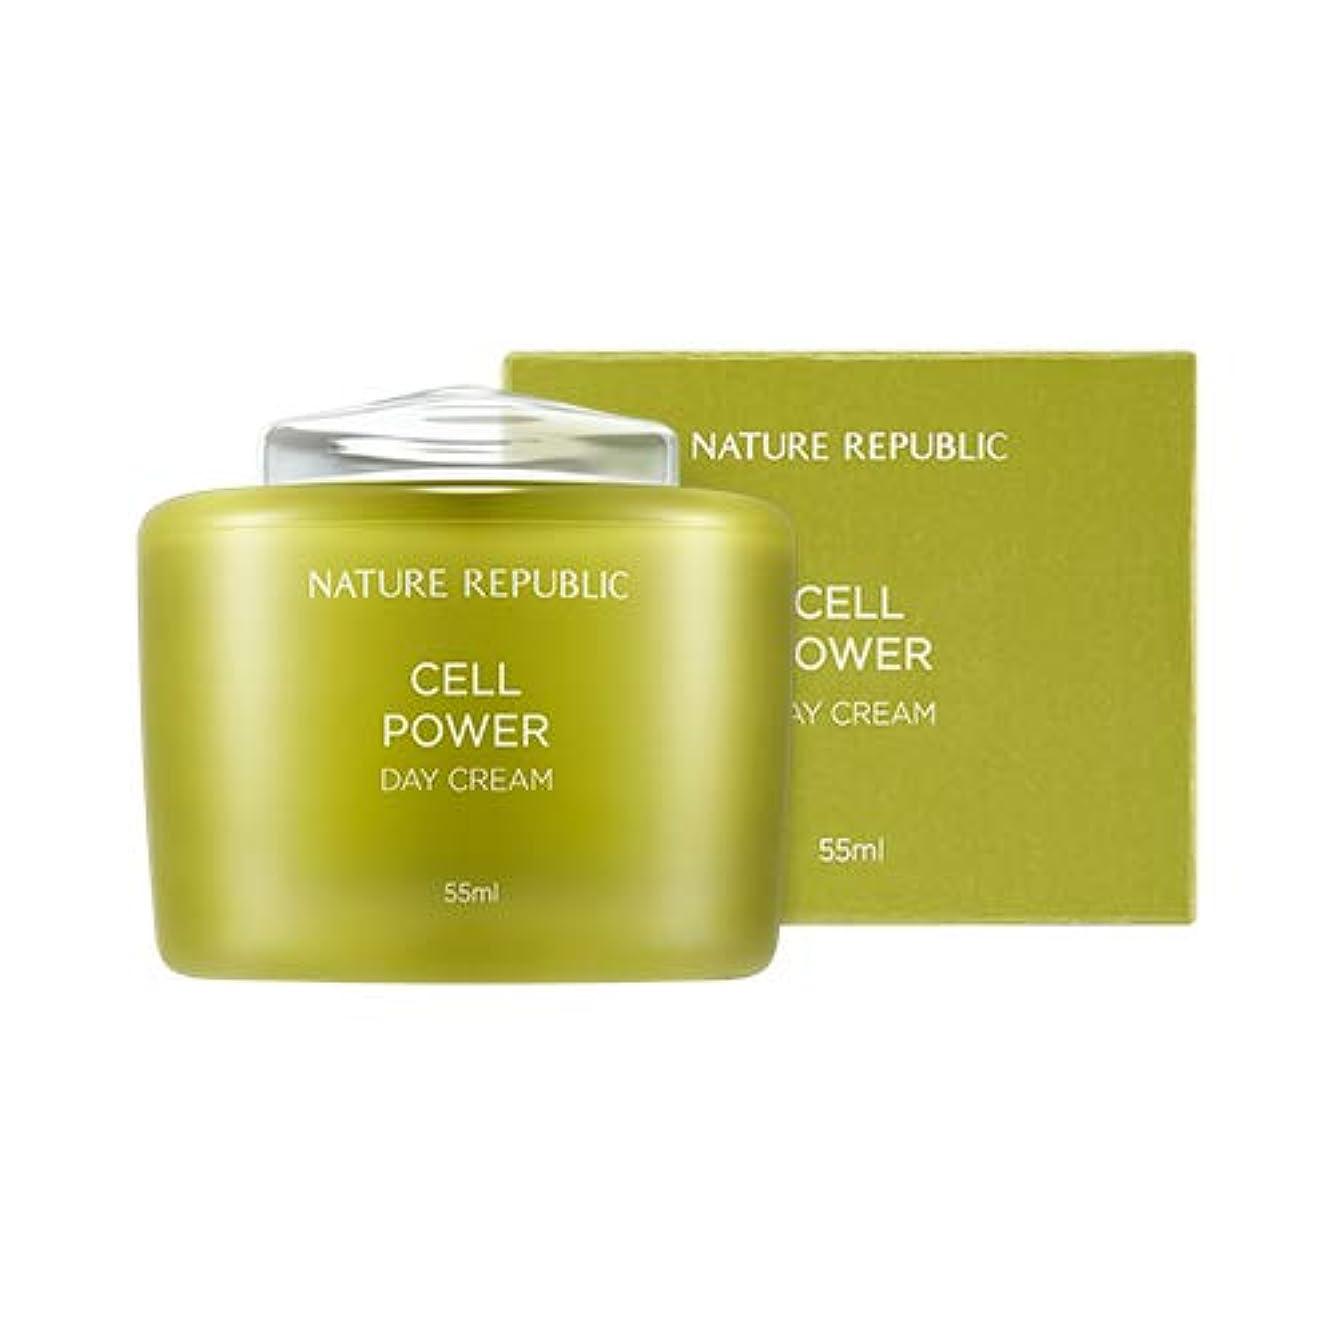 警告くつろぐ処方NATURE REPUBLIC Cell Power Day Cream/ネイチャーリパブリック セルパワー デイクリーム 55ml [並行輸入品]